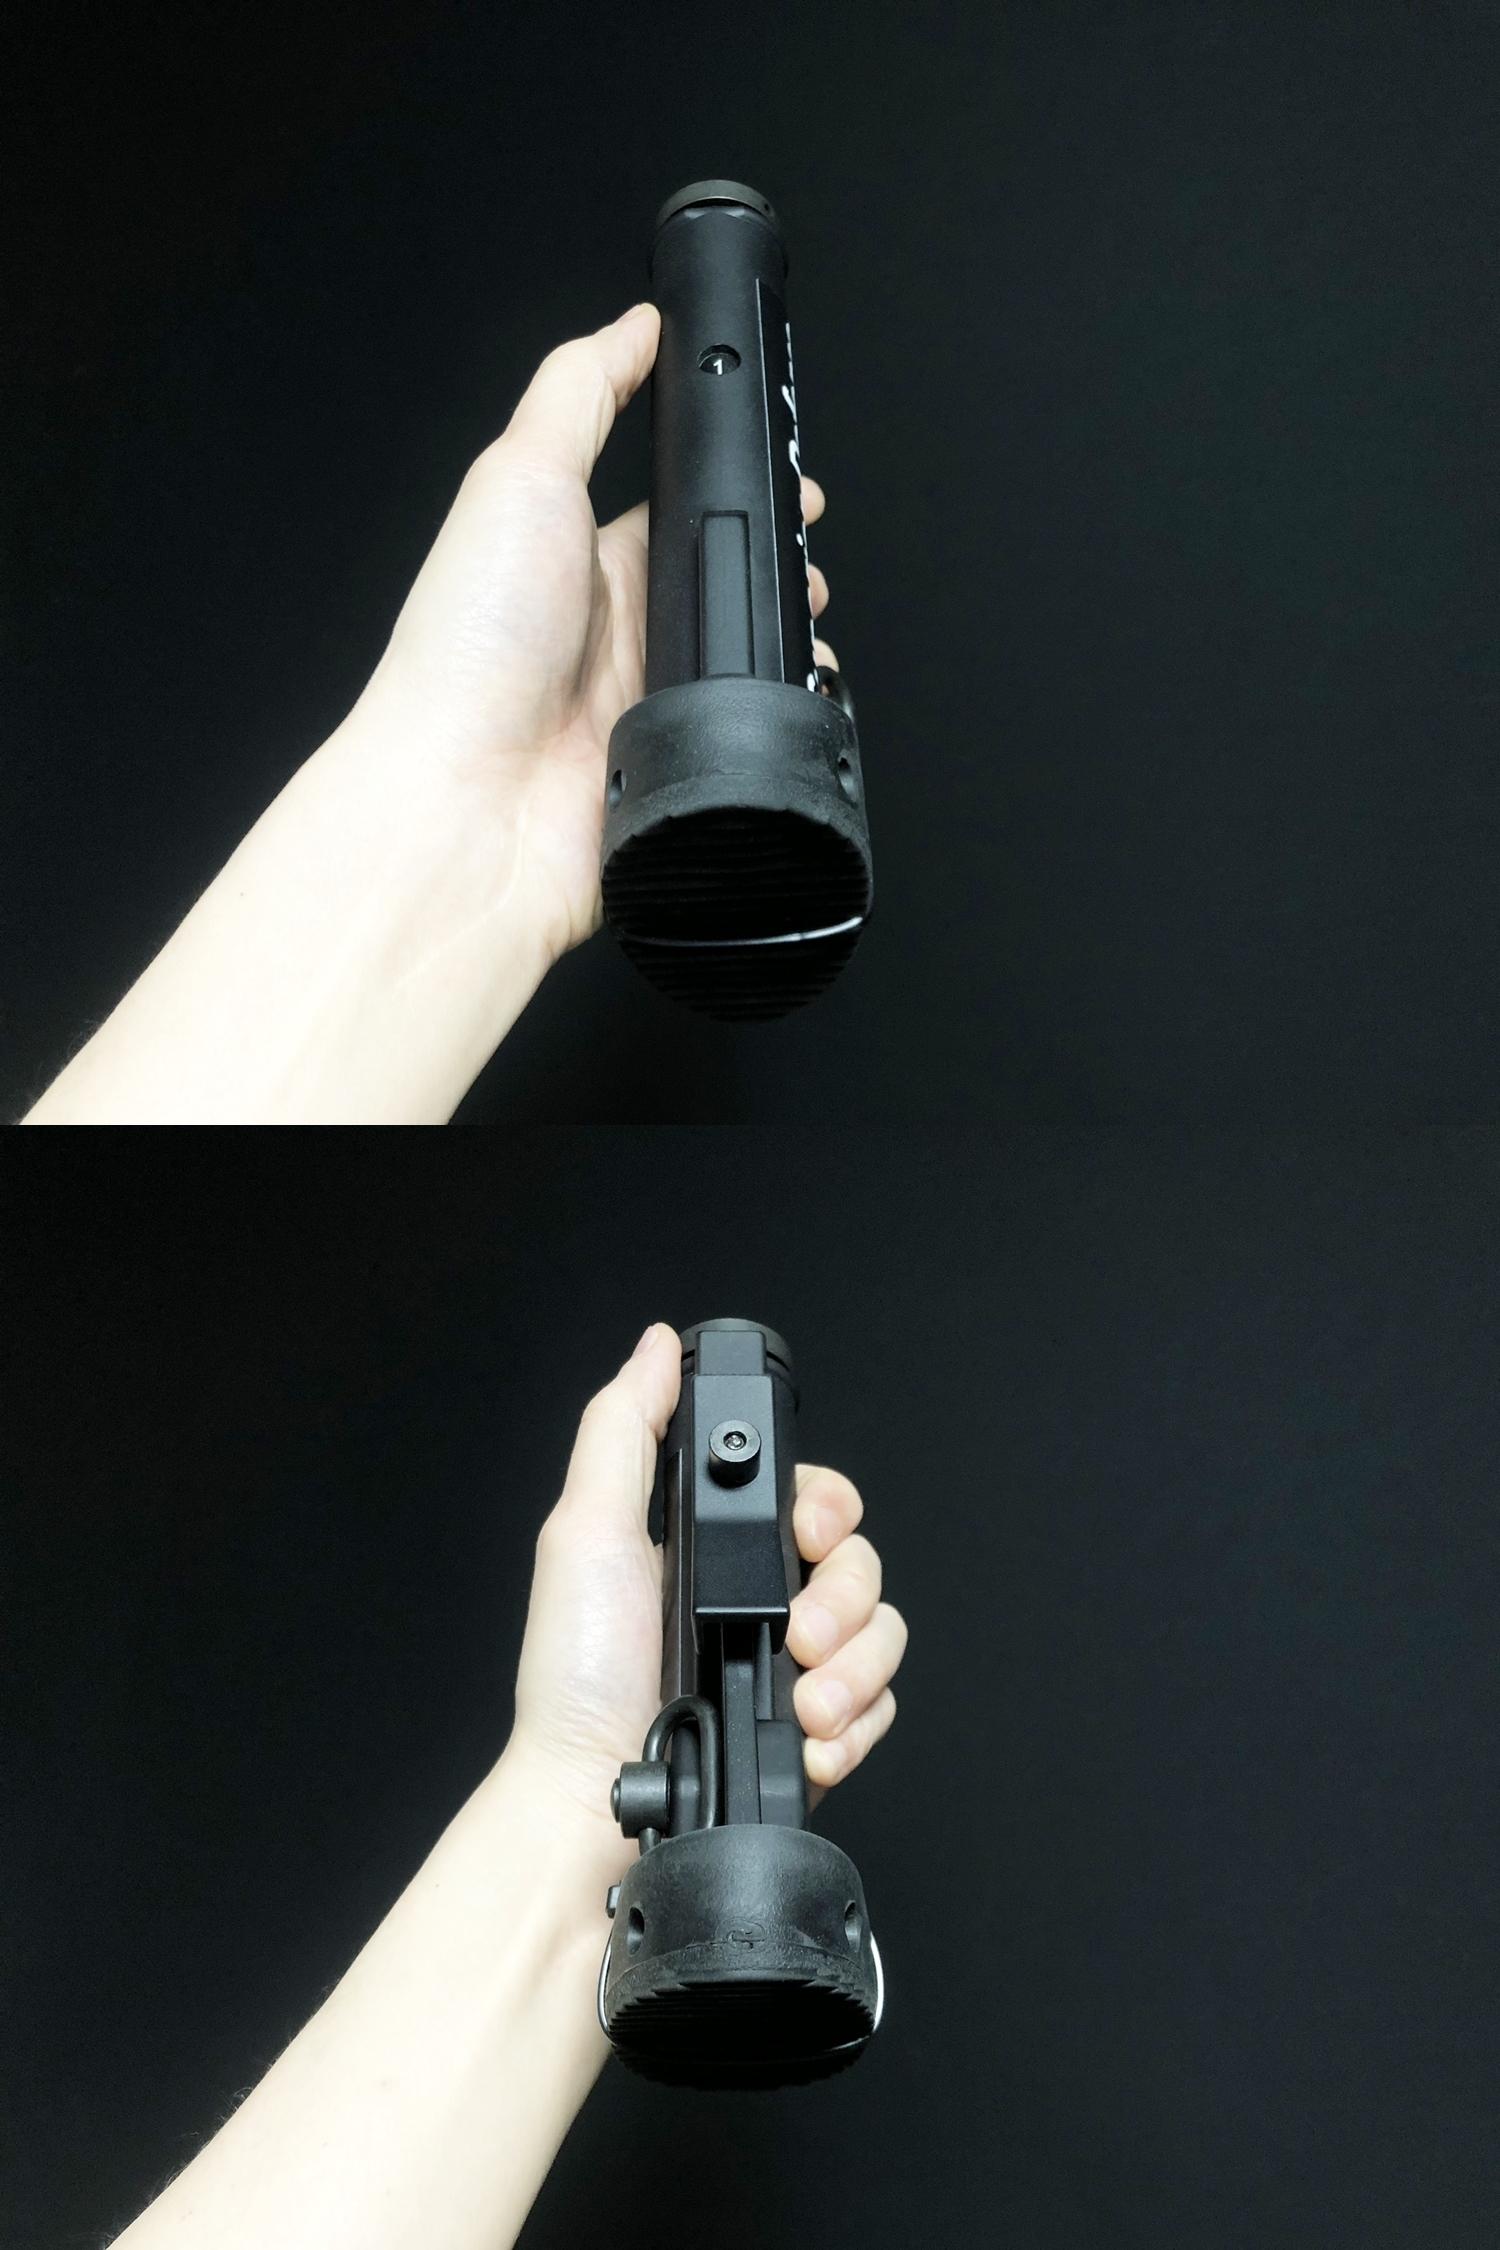 24 実物 Knight's Armament M4 Carbine Buttstock QD Sling Mount Kit & JOHN MASEN DELTA PAD & REMAKE M733 COMMANDOS STOCK!! DIY NOVESKE PIG!! KAC ナイツ QD デルタパッド!! 購入 取付 カスタム レビュー!!